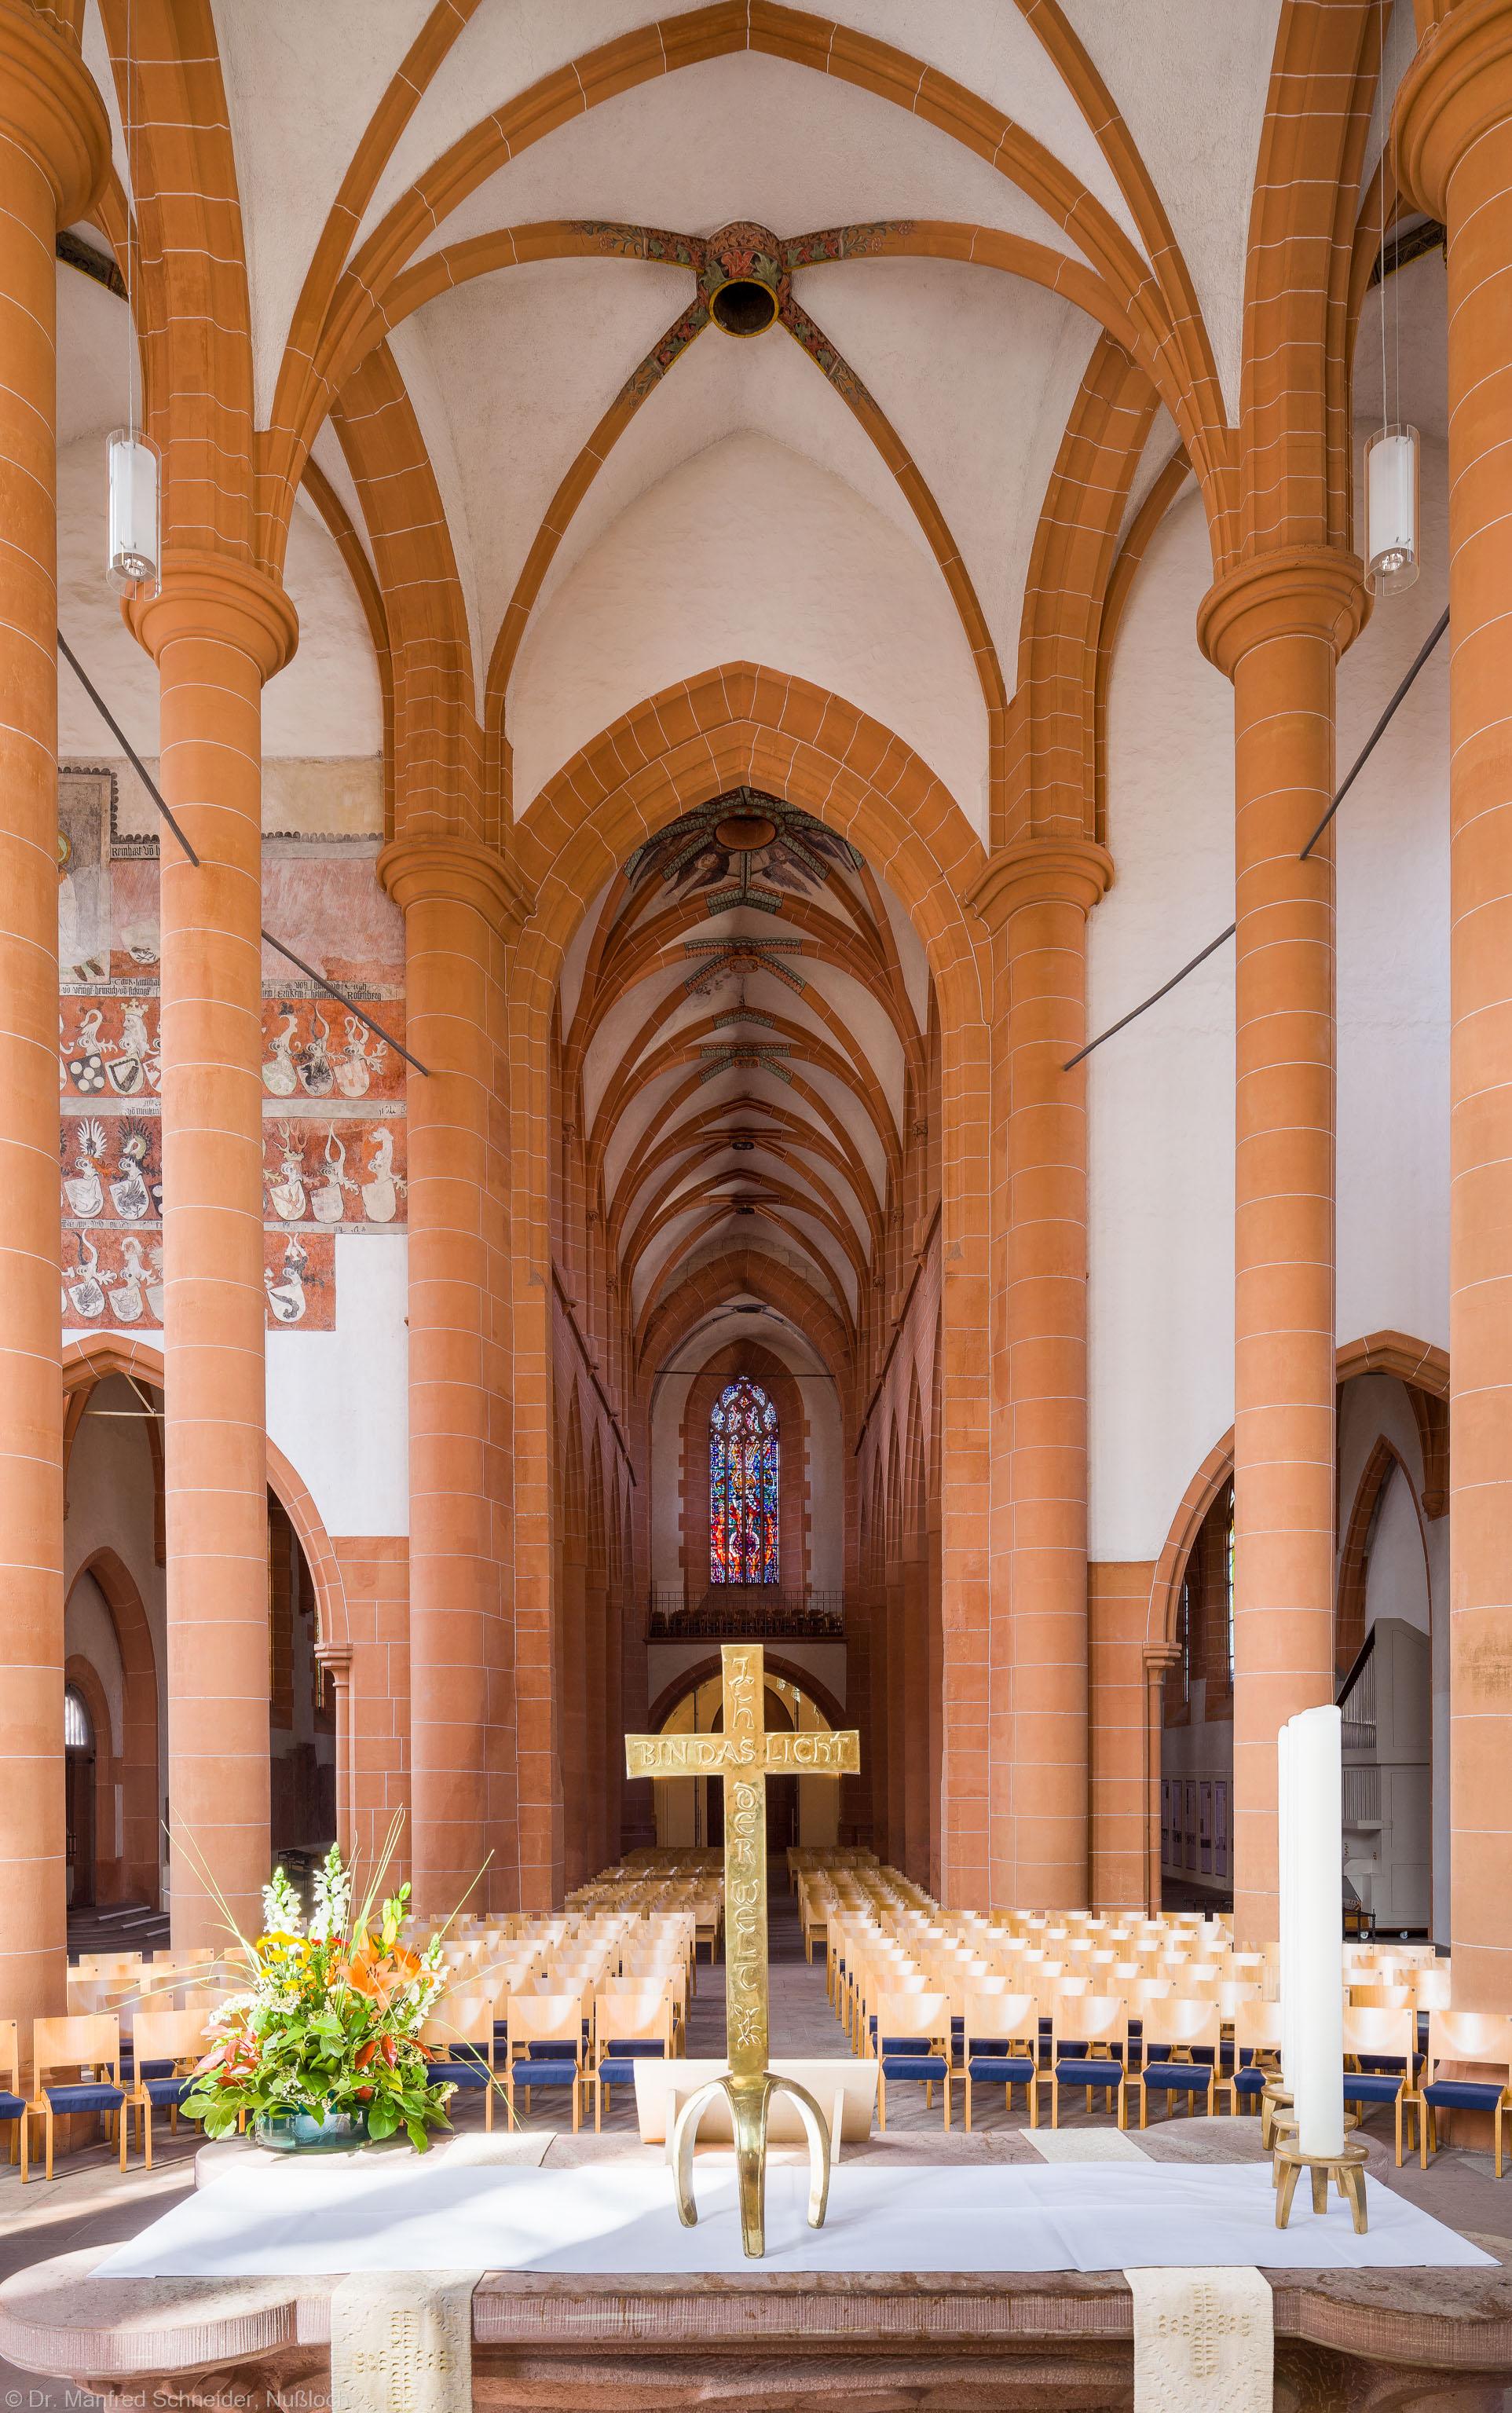 Heidelberg - Heiliggeistkirche - Chor - Blick vom Altar nach Westen auf den Chor, den Triumphbogen und die Schiffe (aufgenommen im Mai 2014, am späten Vormittag)